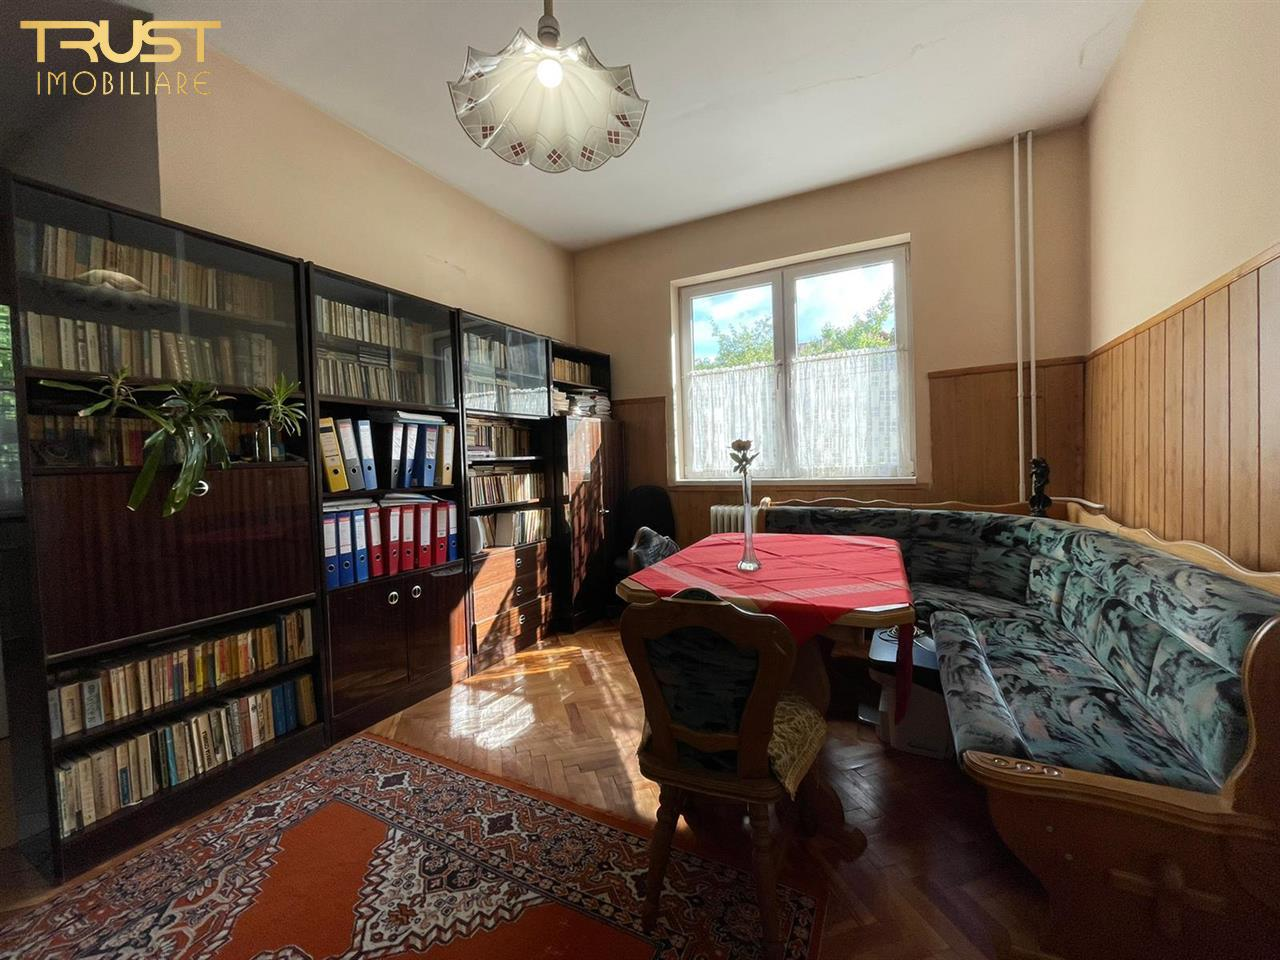 Casa de vanzare, 216mp utili, 540mp curte,  Andrei Muresanu, parcari.